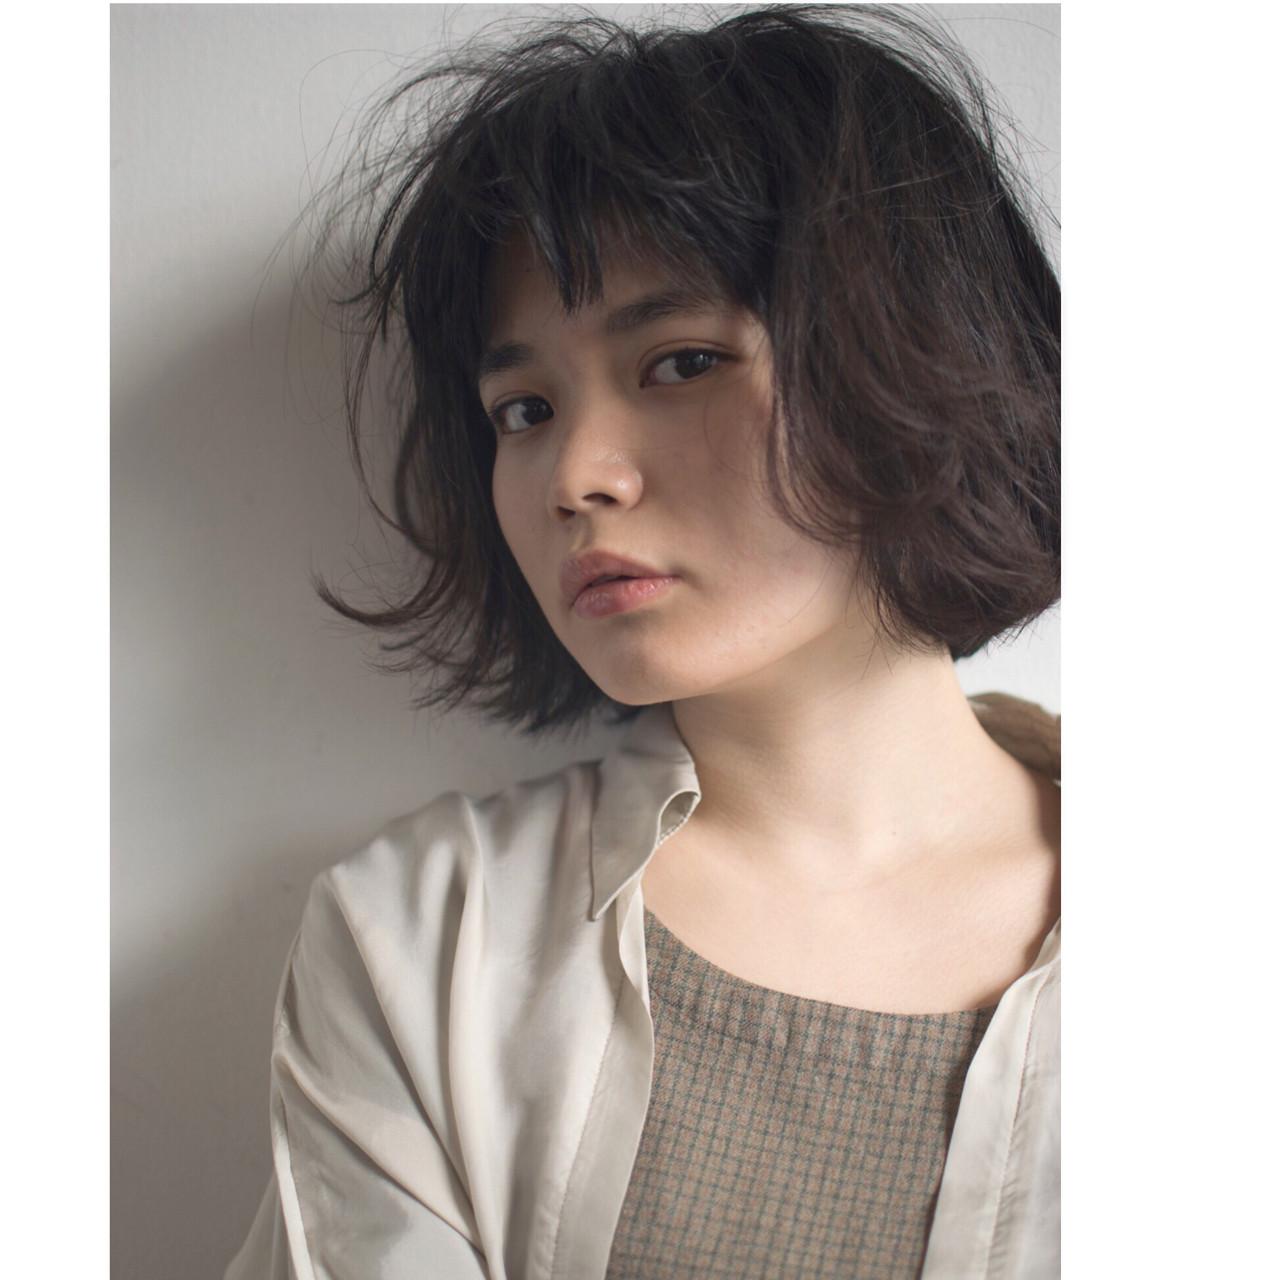 ボブ モード オン眉 パーマ ヘアスタイルや髪型の写真・画像 | anti_RIKUSHI / ANTI